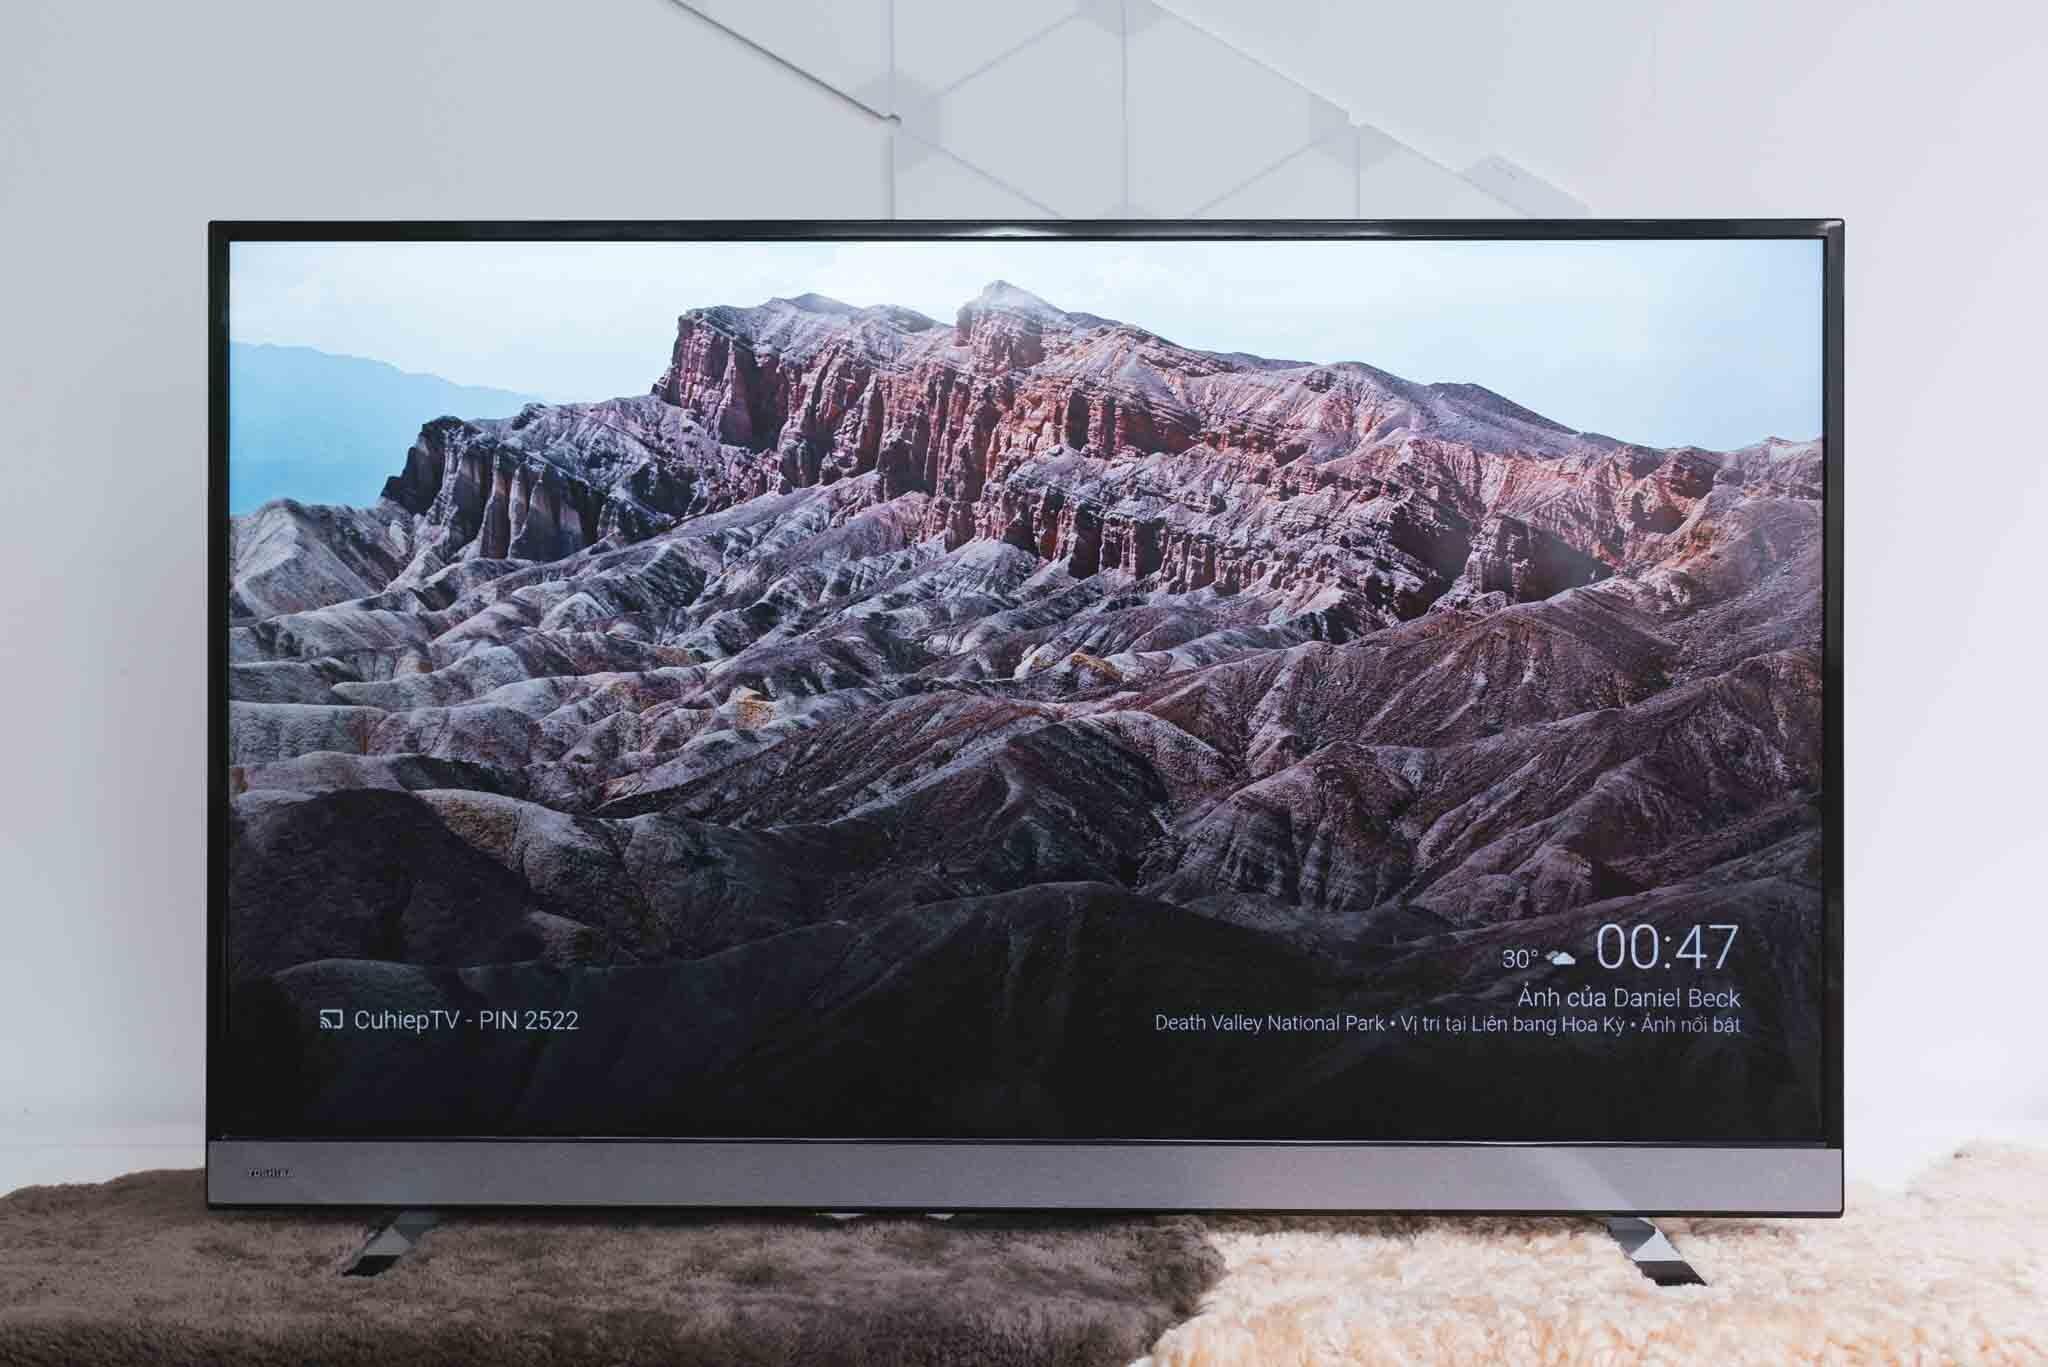 Tivi Toshiba đang là sự lựa chọn của đa số người tiêu dùng hiện nay